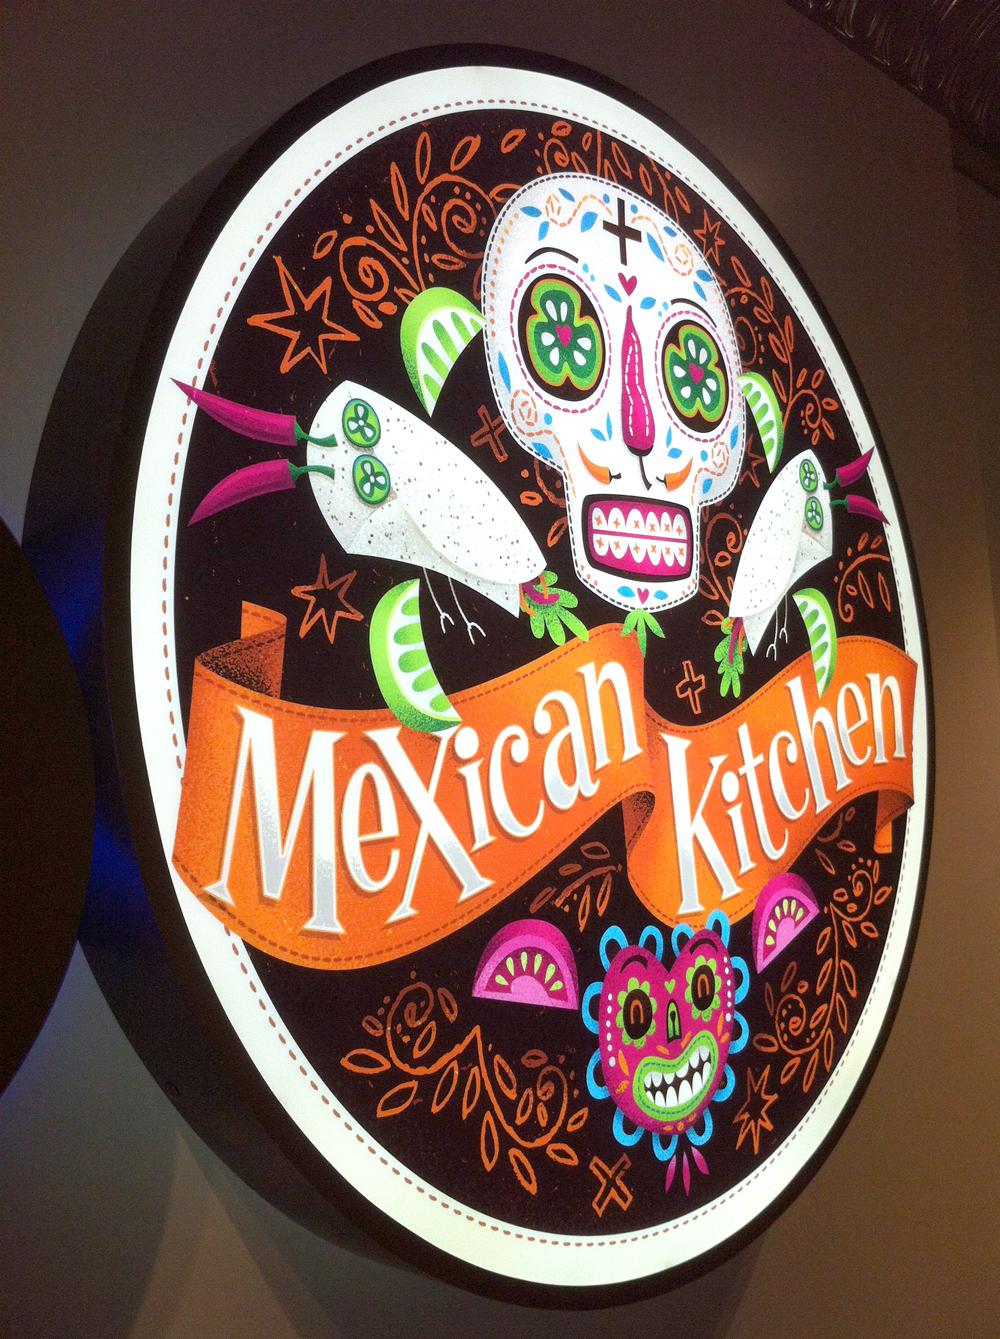 day of the dead dia de los muertos Mexican skulls illustrated Food  Burrito skeleton birds menu